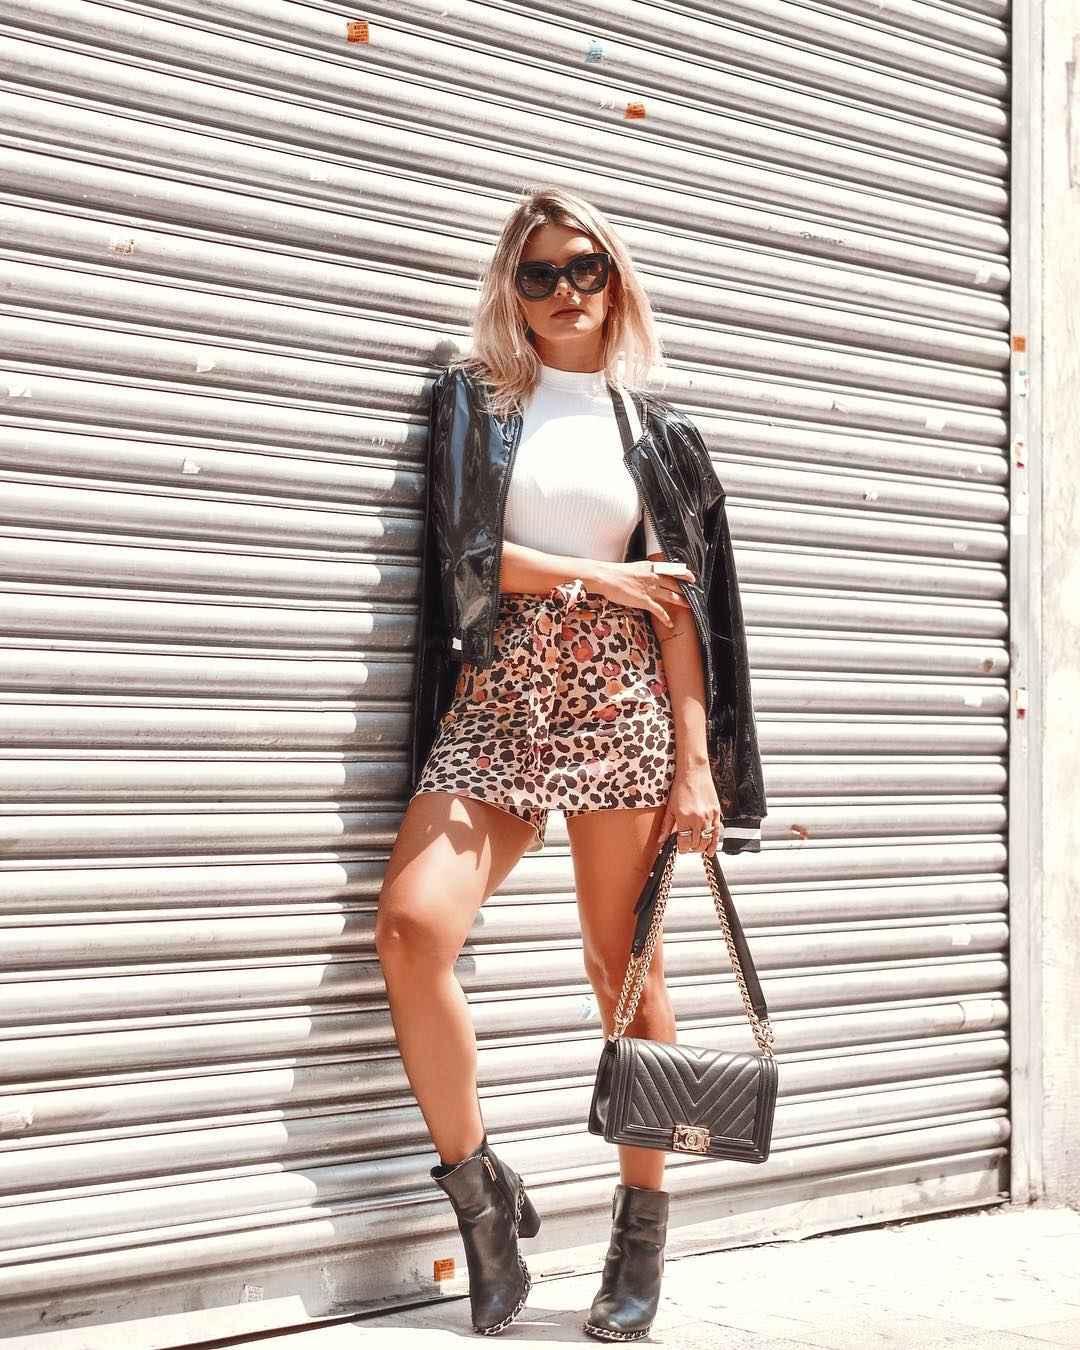 С чем носить леопардовую юбку мини фото_1